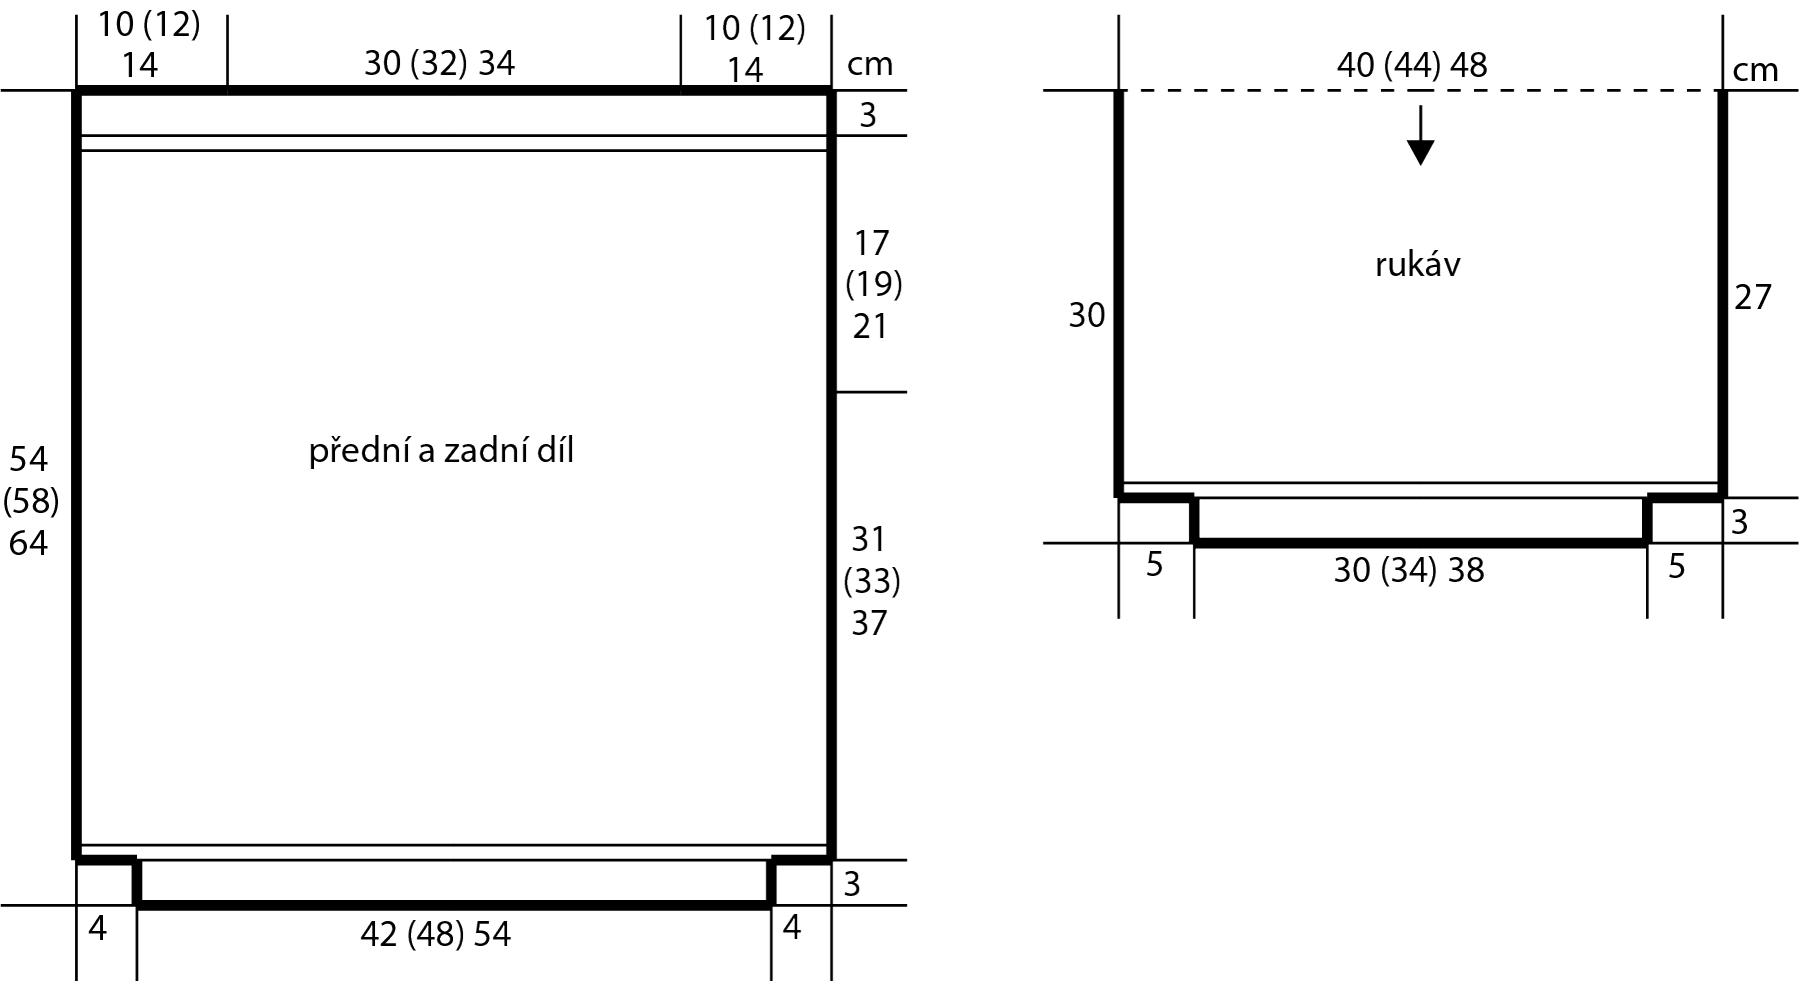 2018-L-11 dámský svetr z příze Pure firmy Schoeller - střih